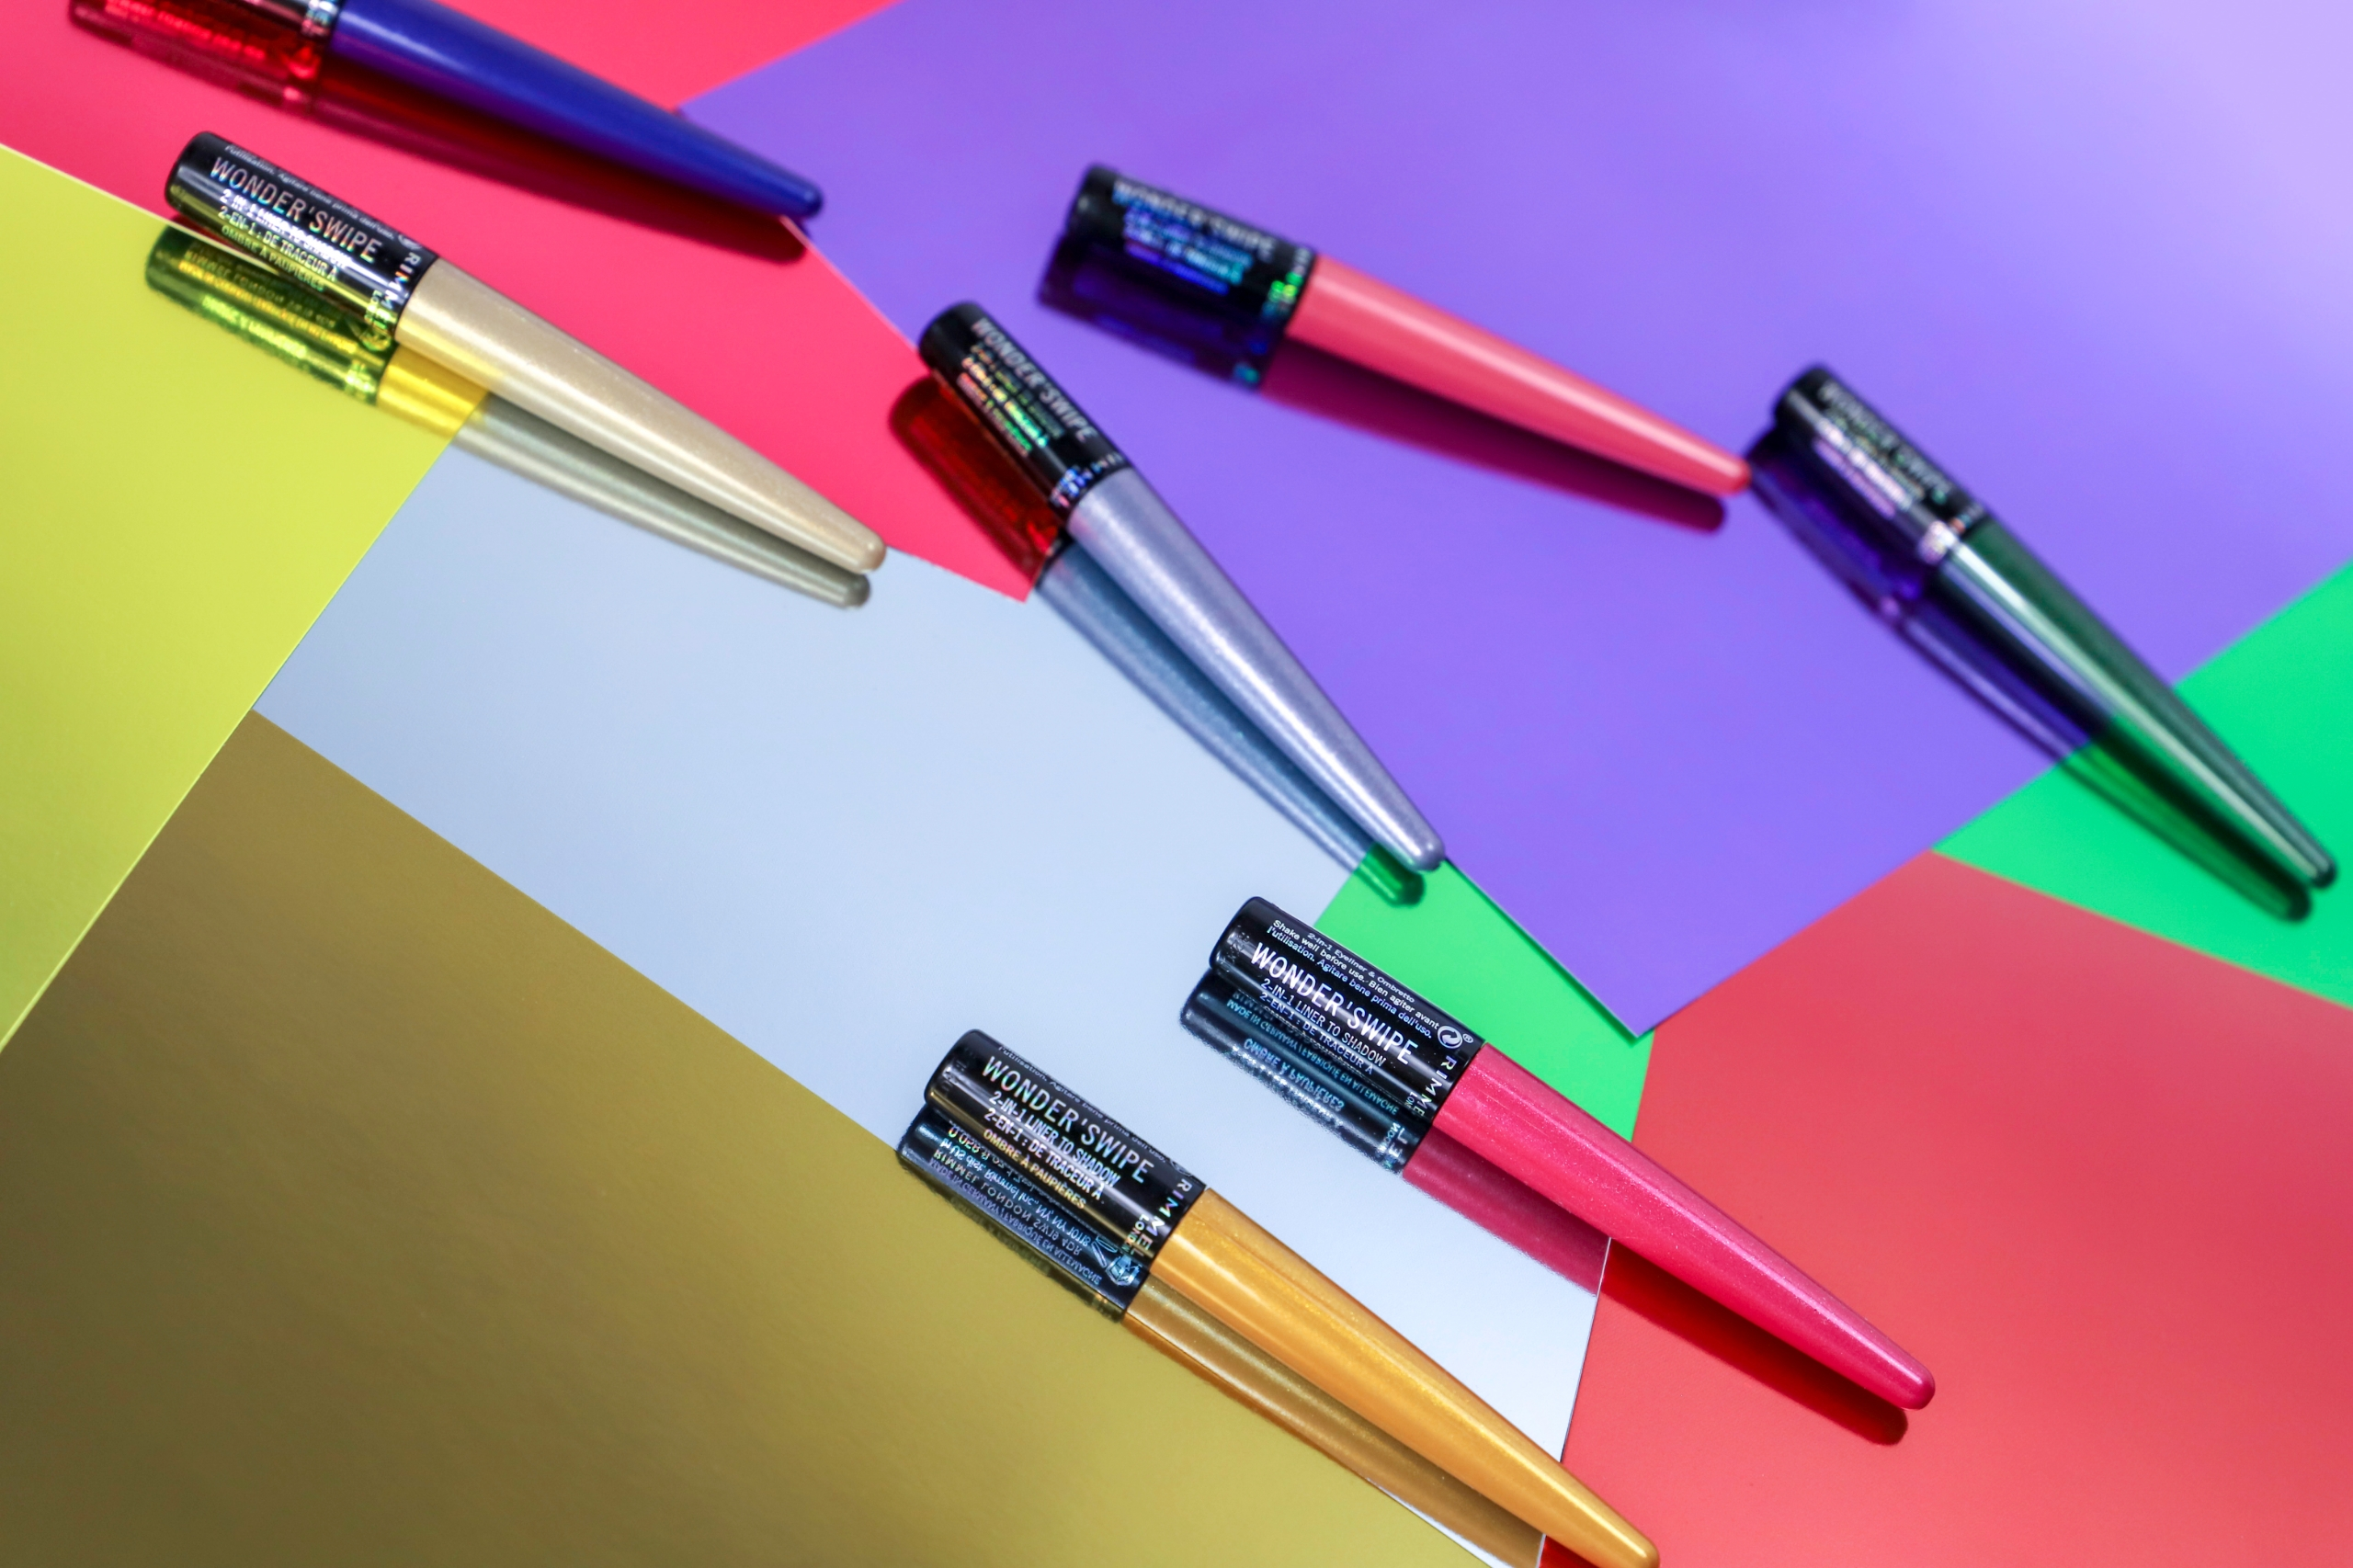 Zdjęcie przedstawia obiekty rozrzucone na kolorowych kartonach.